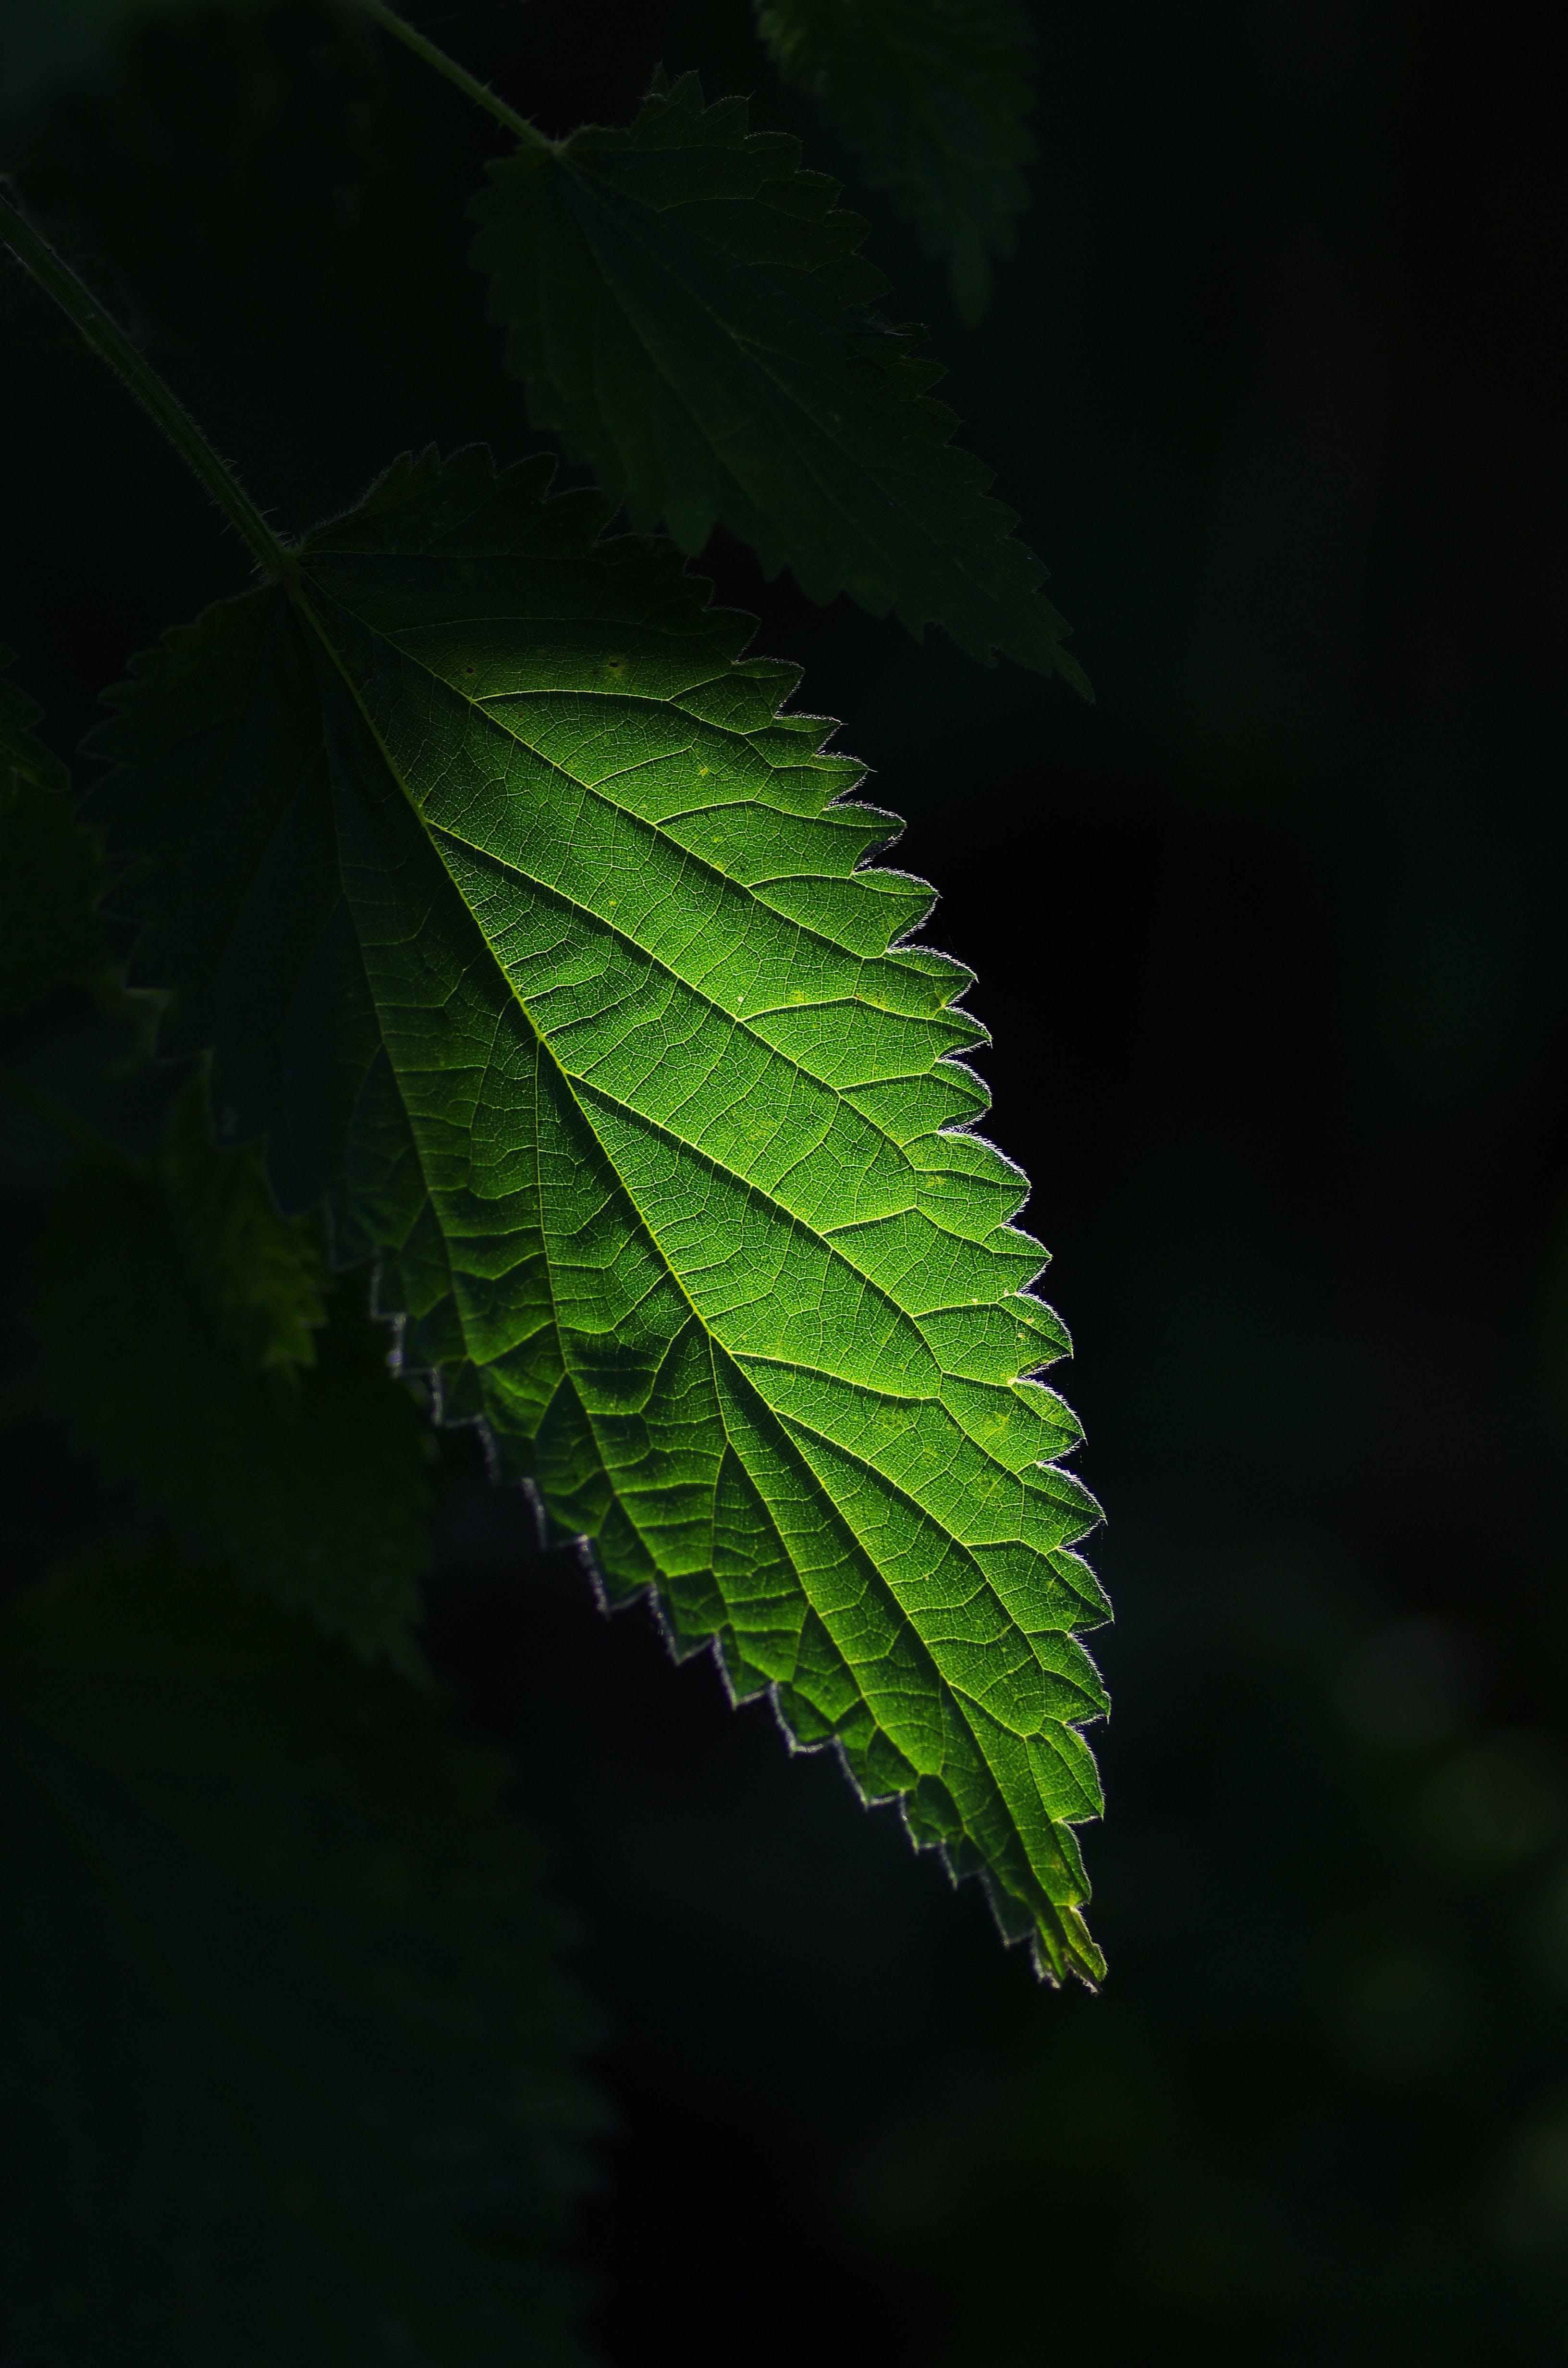 Ảnh lưu trữ miễn phí về màu xanh lá, Thiên nhiên, thực vật